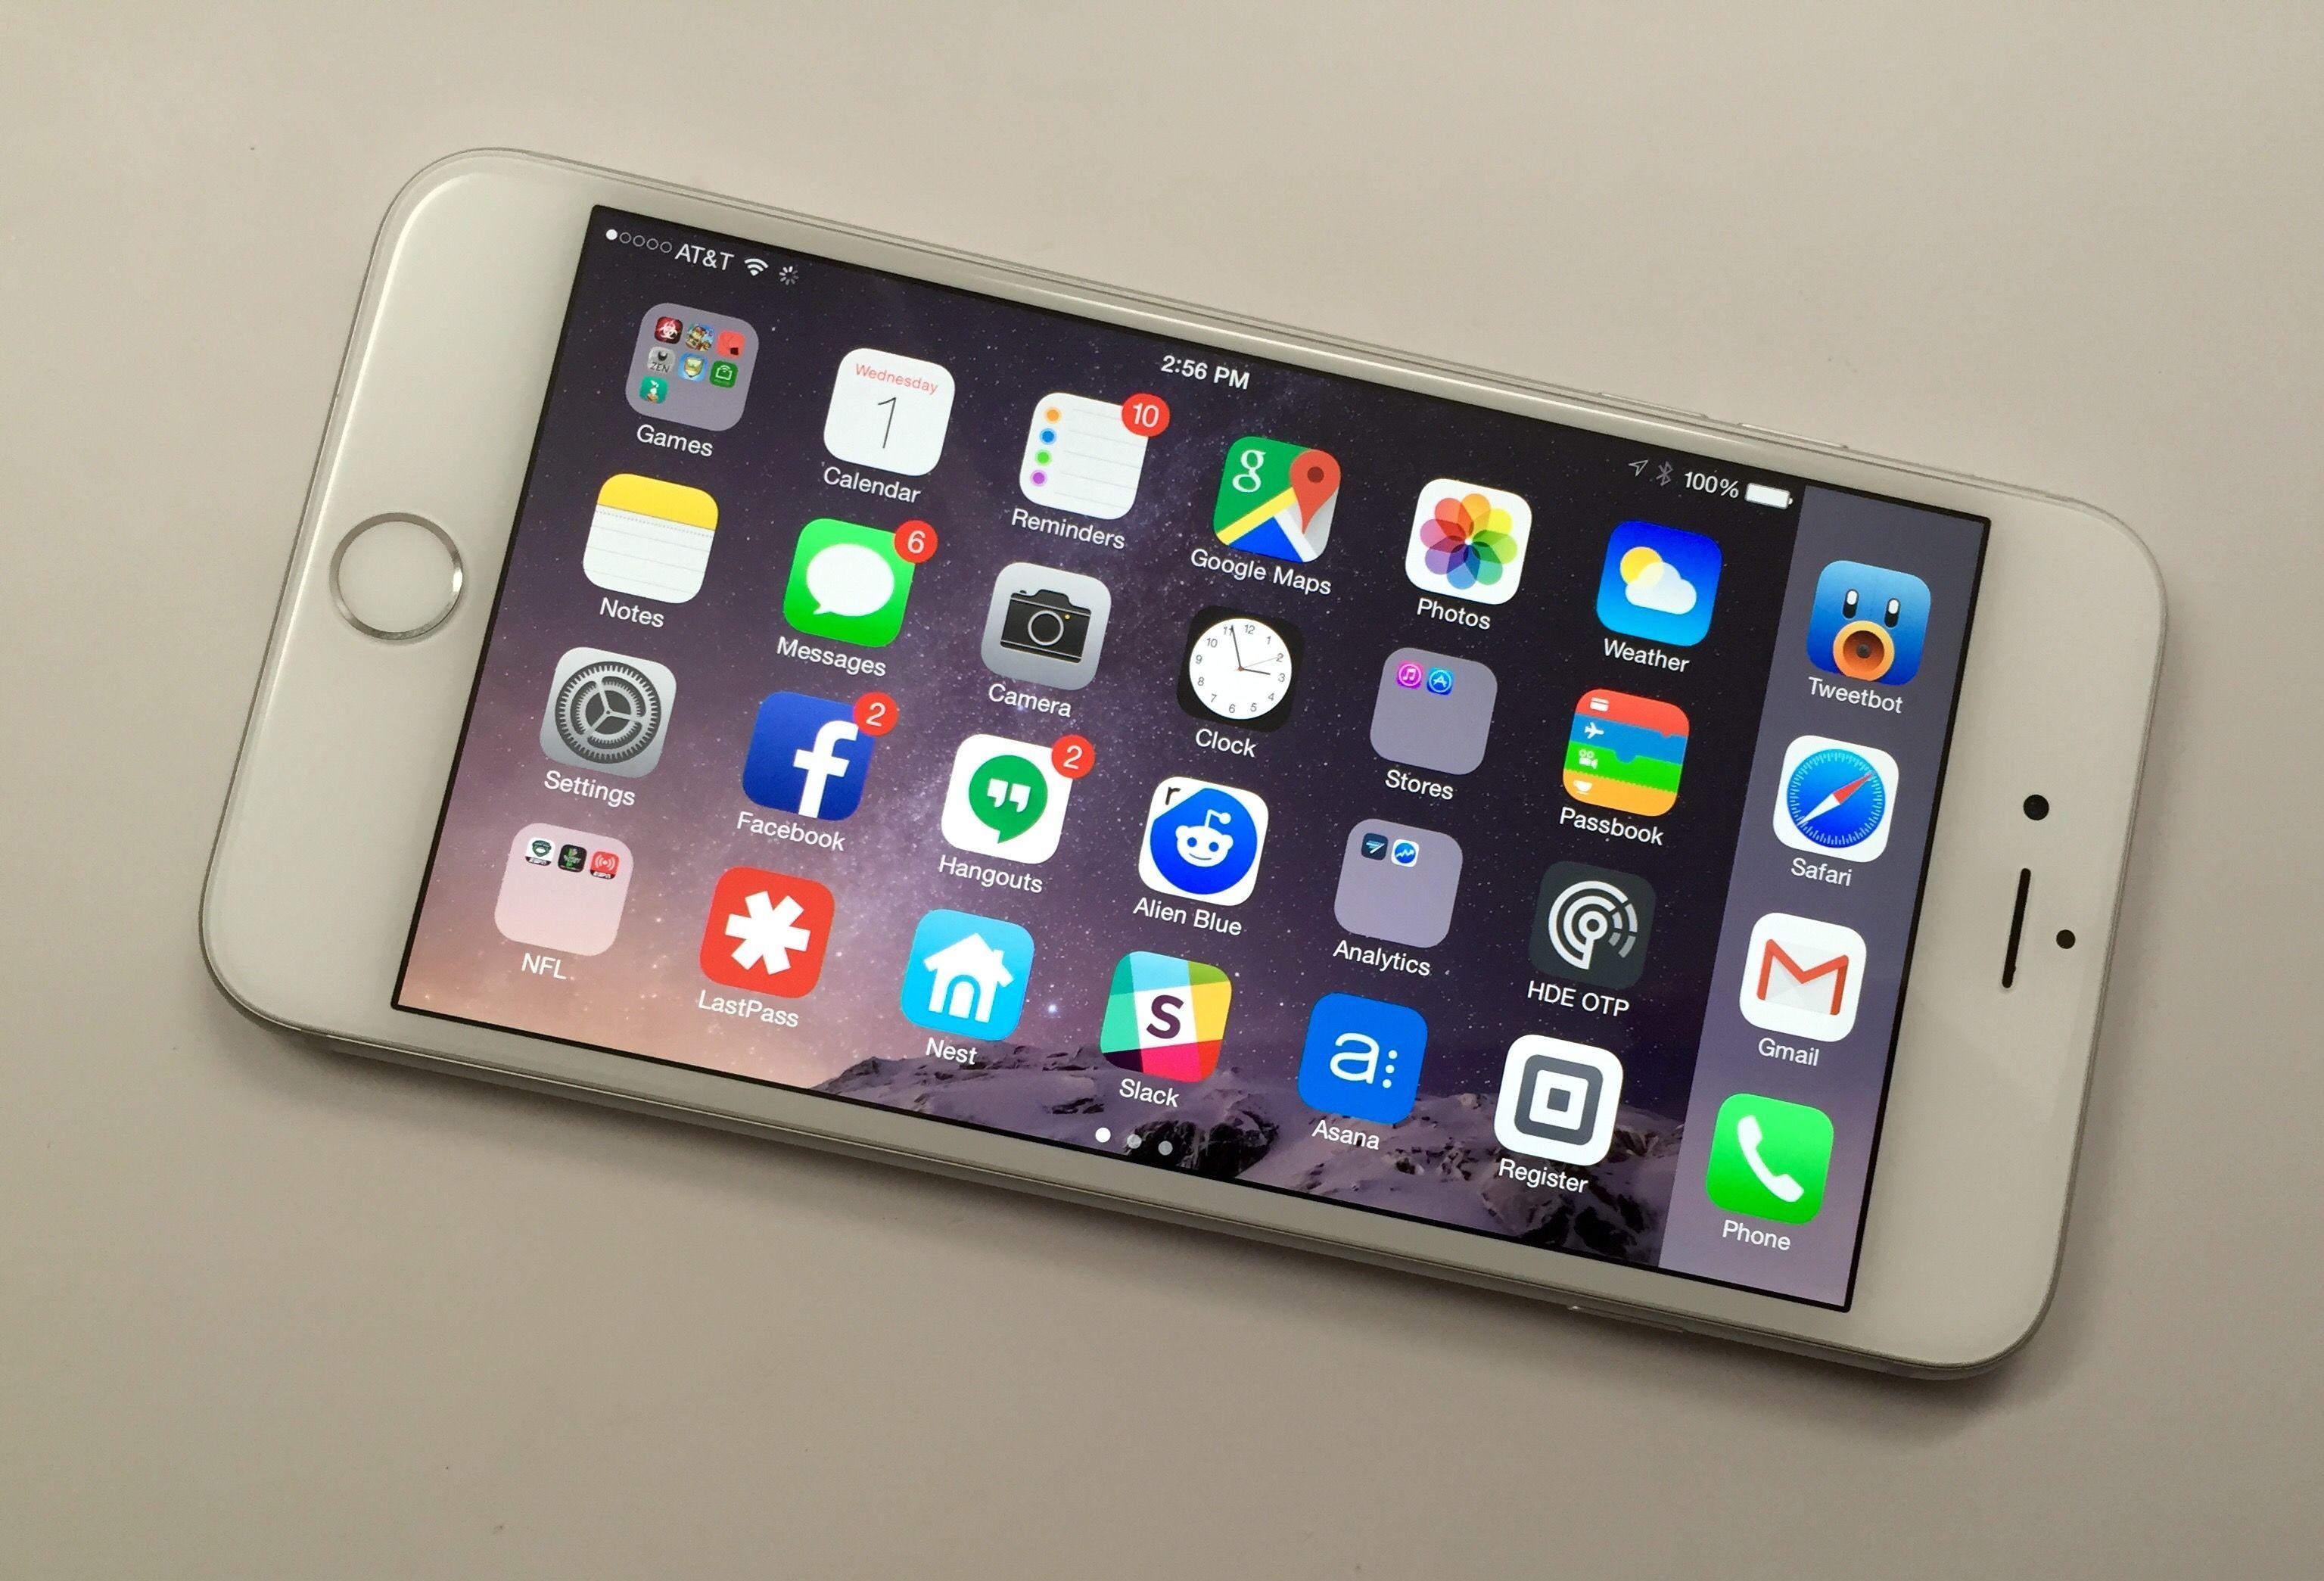 iPhone-6s-Plus-2 10.09.30